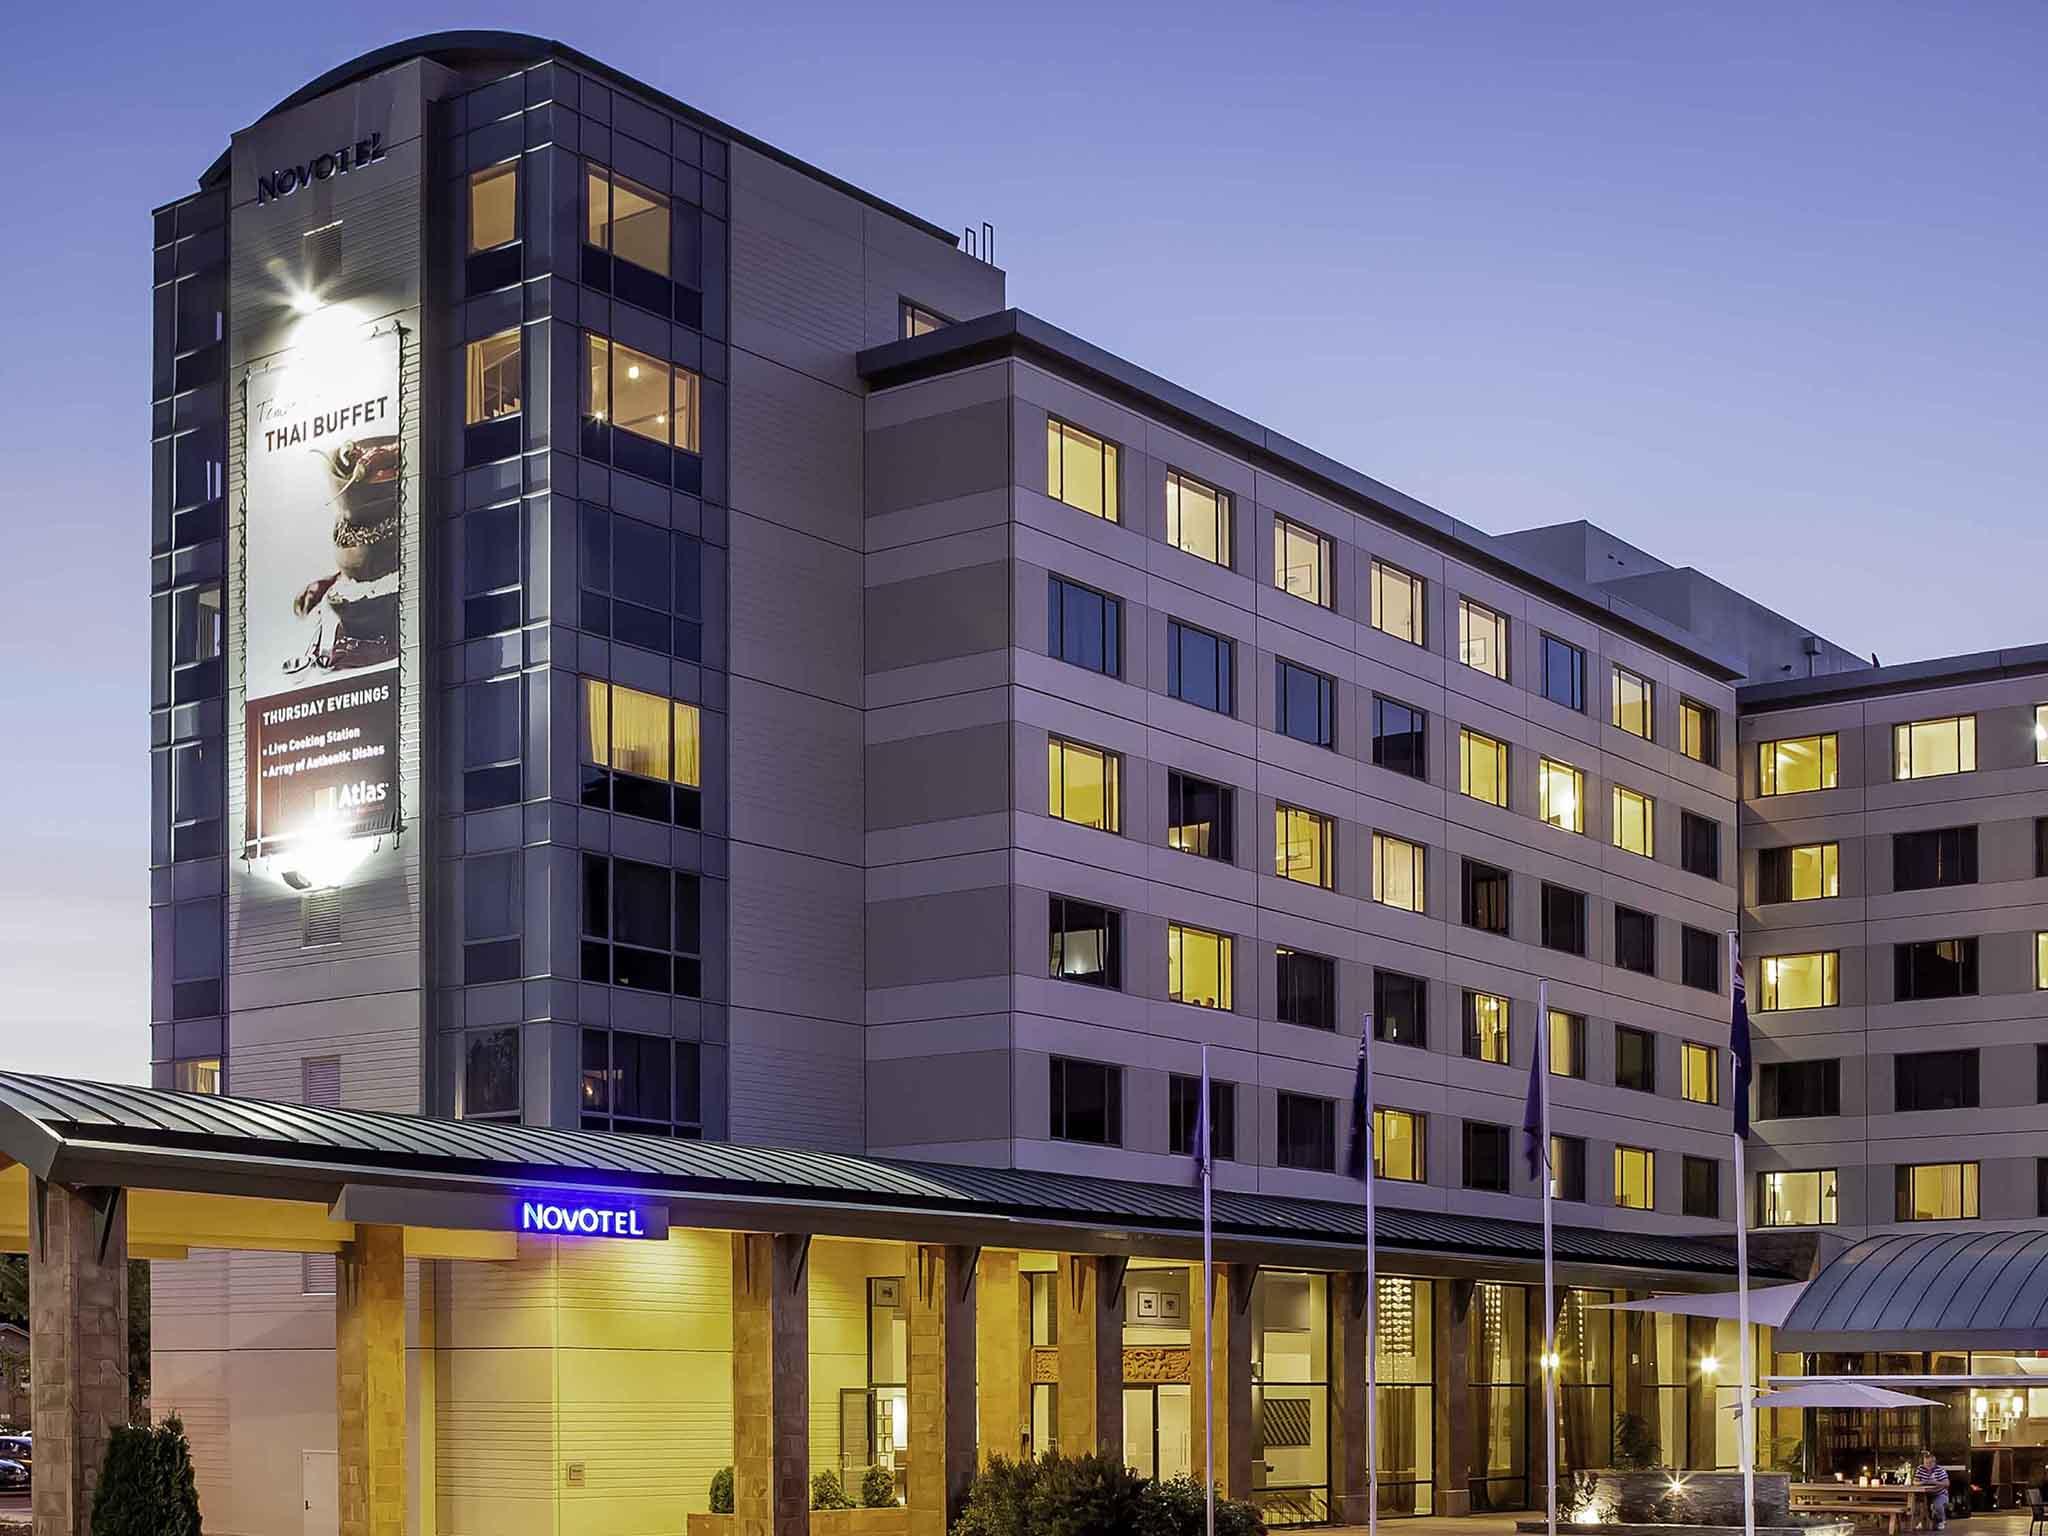 ホテル – ノボテルロトルアレイクサイド